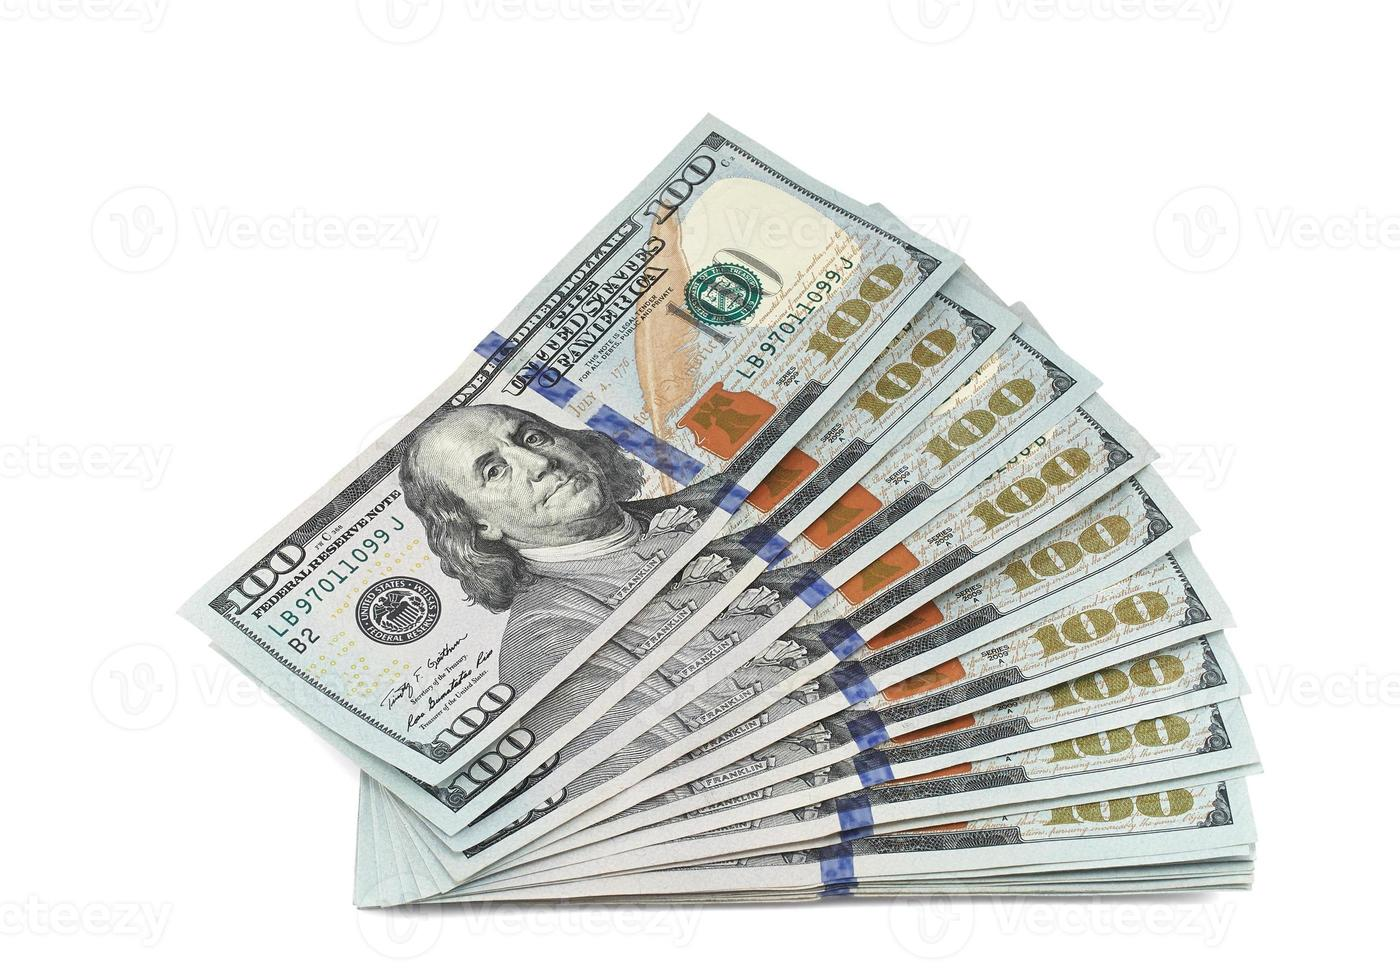 pila de billetes nuevos de 100 dólares foto